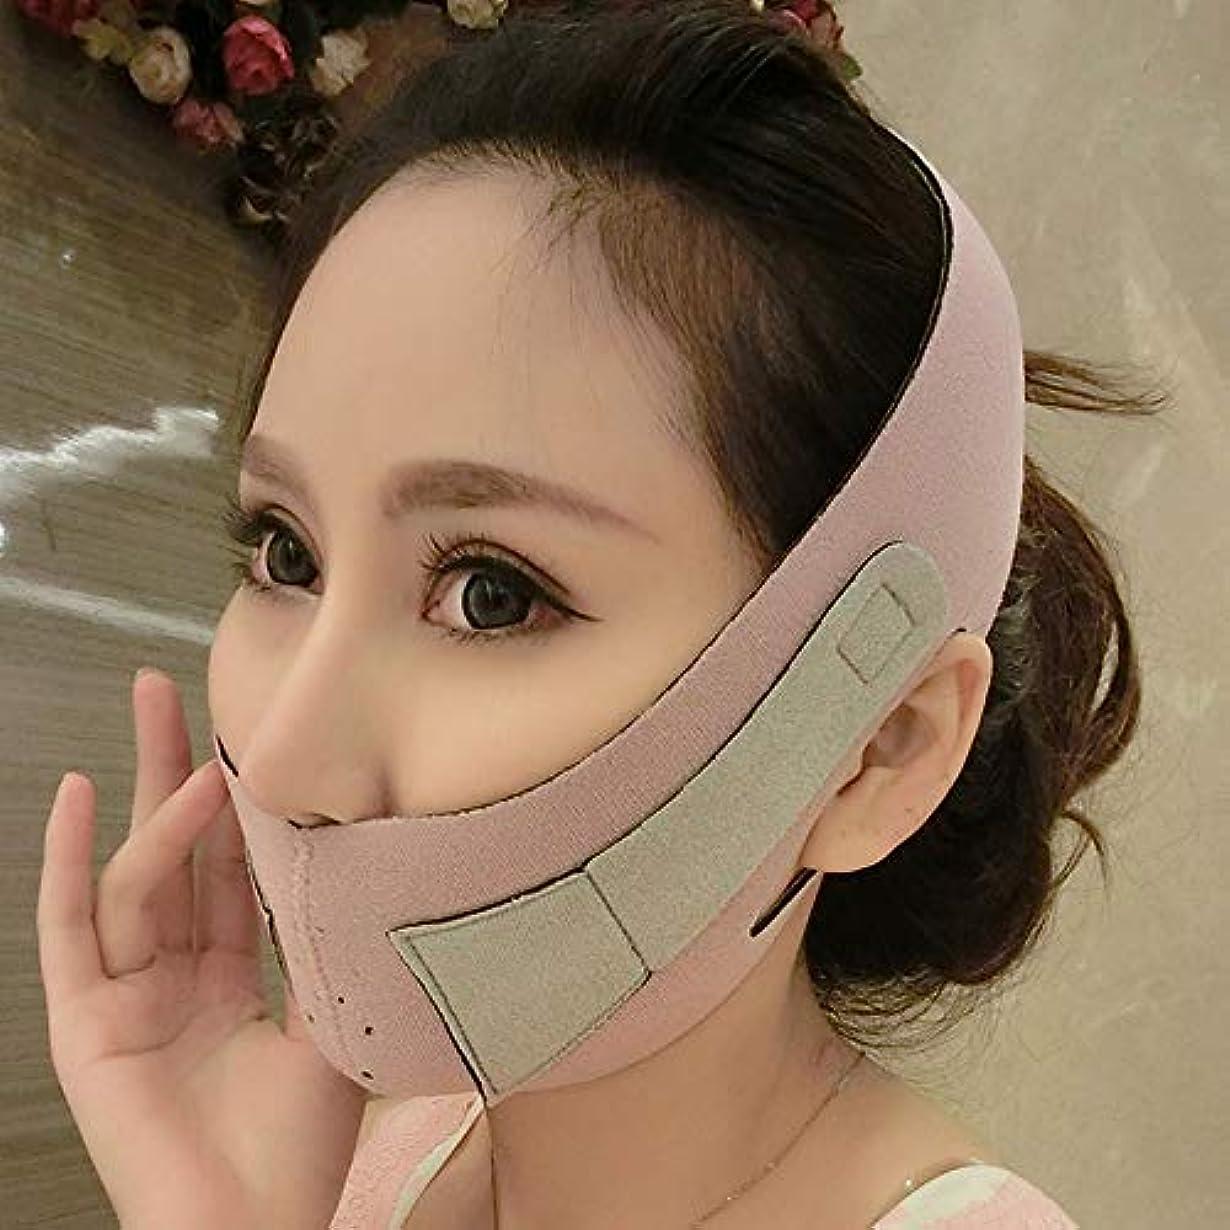 土曜日学習減るシンフェイス包帯シンフェイスマスクフェイスリフトアーティファクトレイズVフェイスシンフェイスフェイスリフティング美容マスク小フェイス包帯 (色 : B)